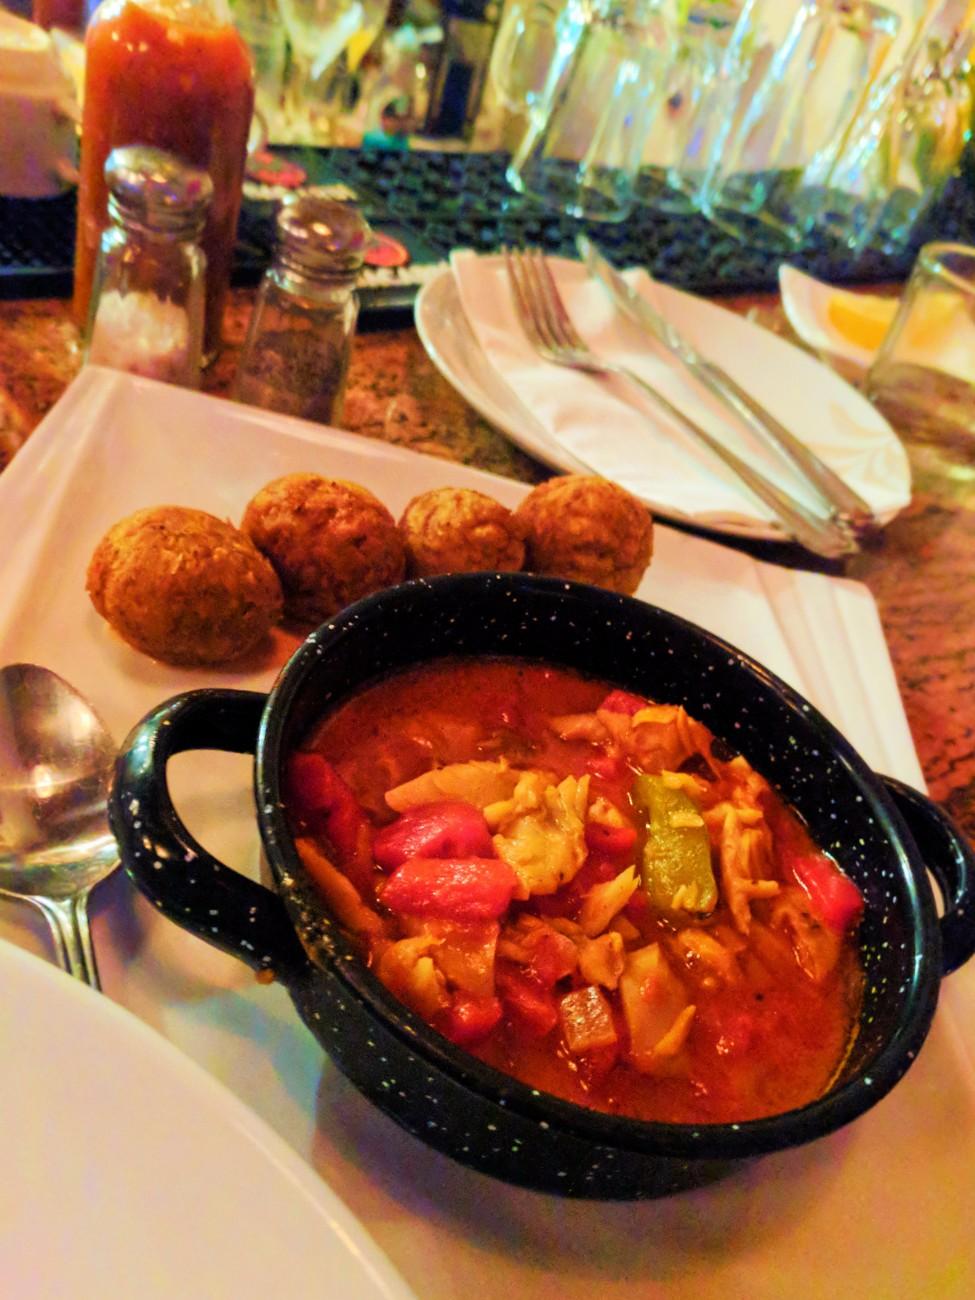 Mofongito and fish soup tapas Old San Juan Puerto Rico 1